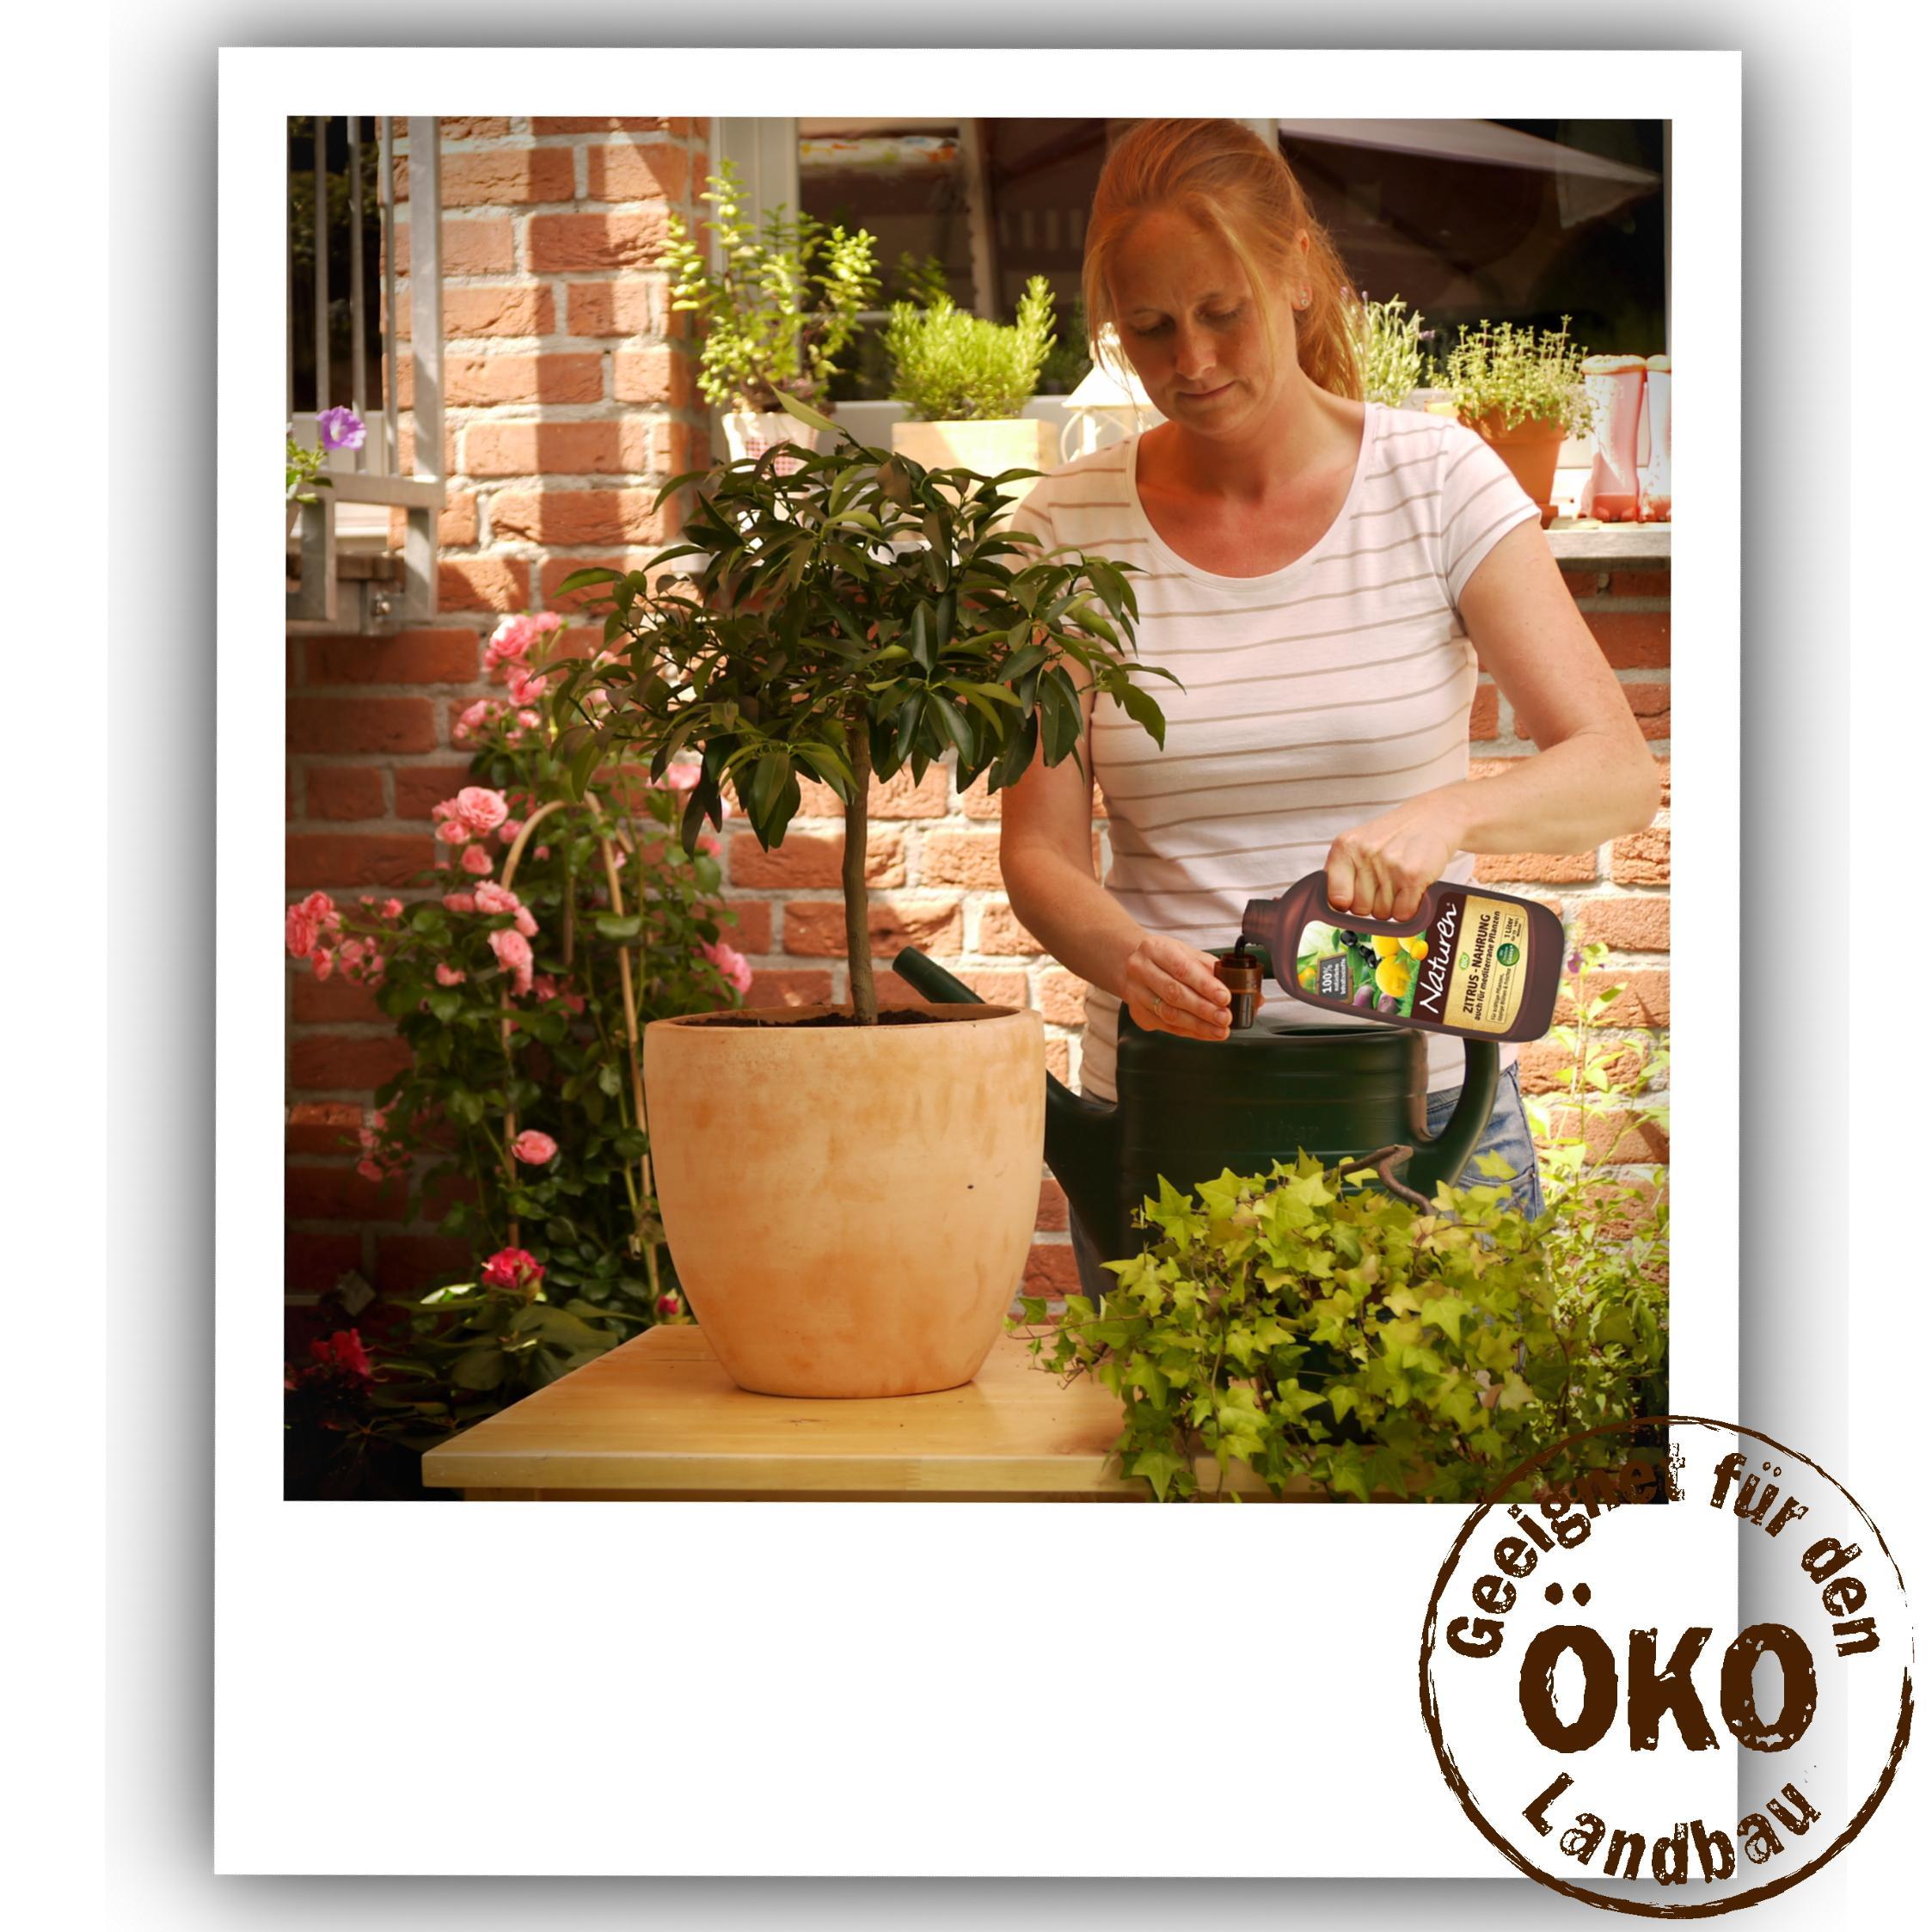 naturen bio zitrus und mediterrane pflanzen nahrung organisch mineralischer fl ssigd nger aus. Black Bedroom Furniture Sets. Home Design Ideas